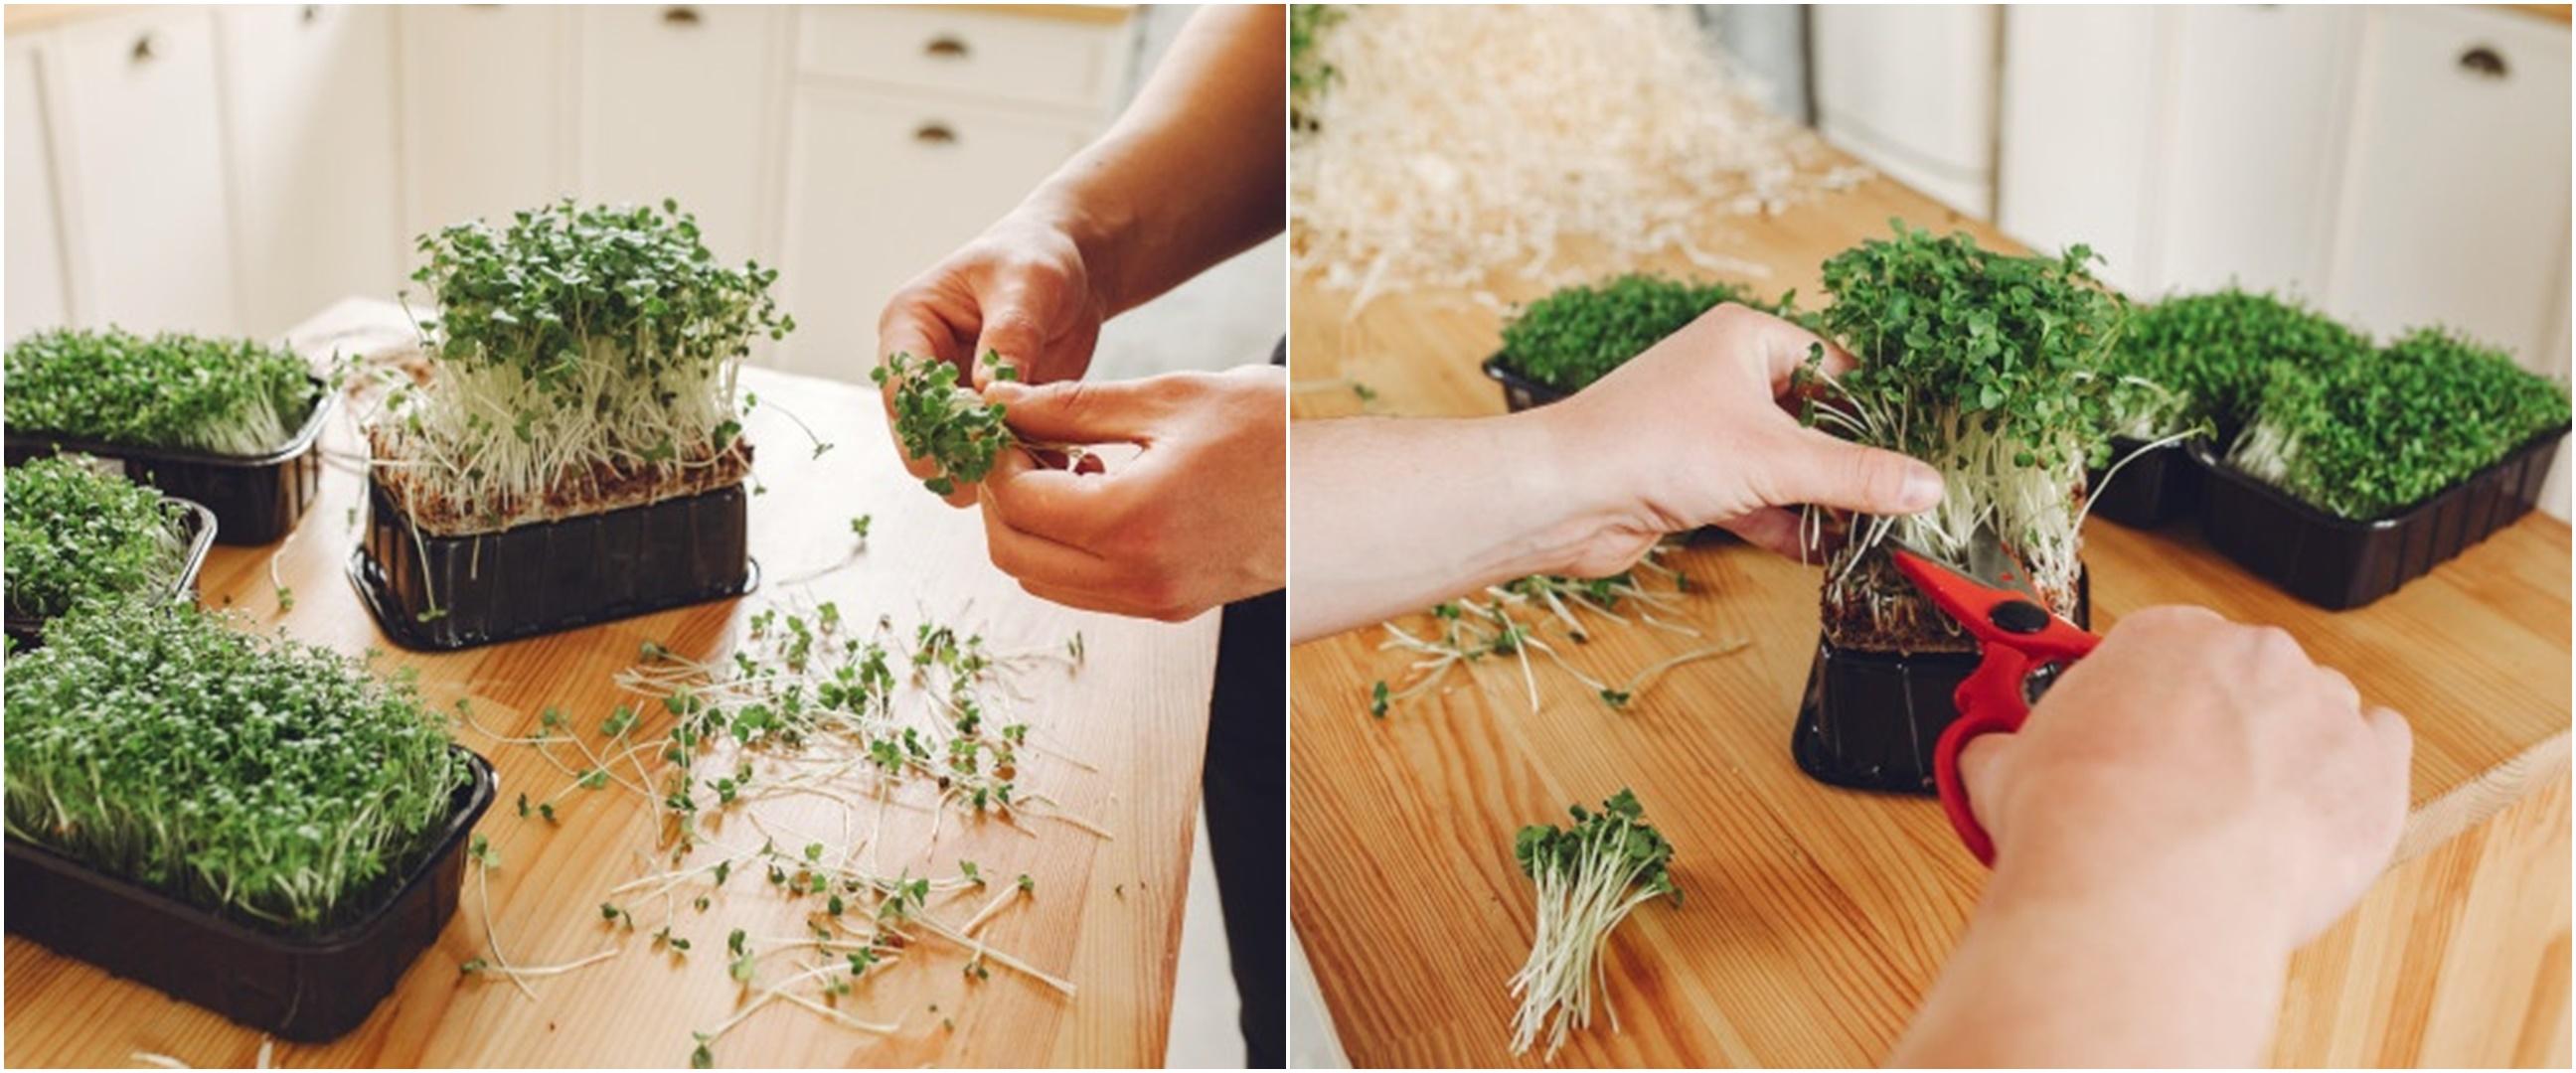 10 Cara mudah menanam sayuran microgreens, cepat tumbuh dan panen